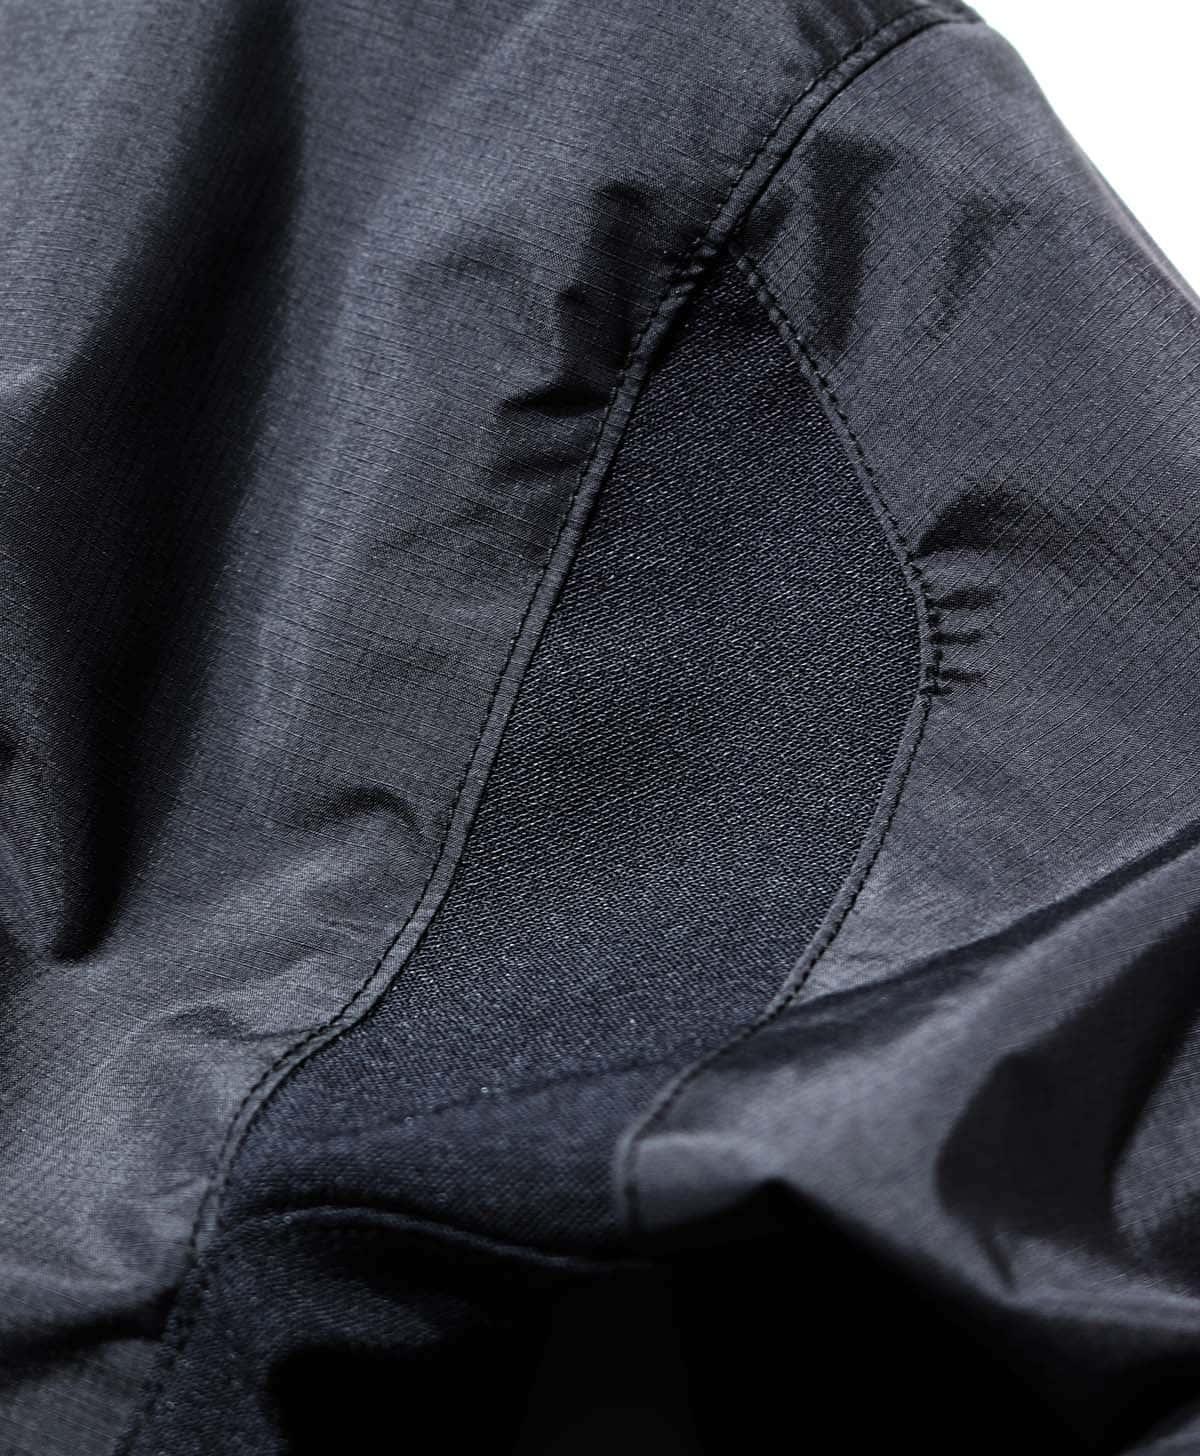 予約販売 カドヤ(KADOYA) K'S LEATHER & K'S PRODUCT ASTRO PARKA アストロパーカー ブラック